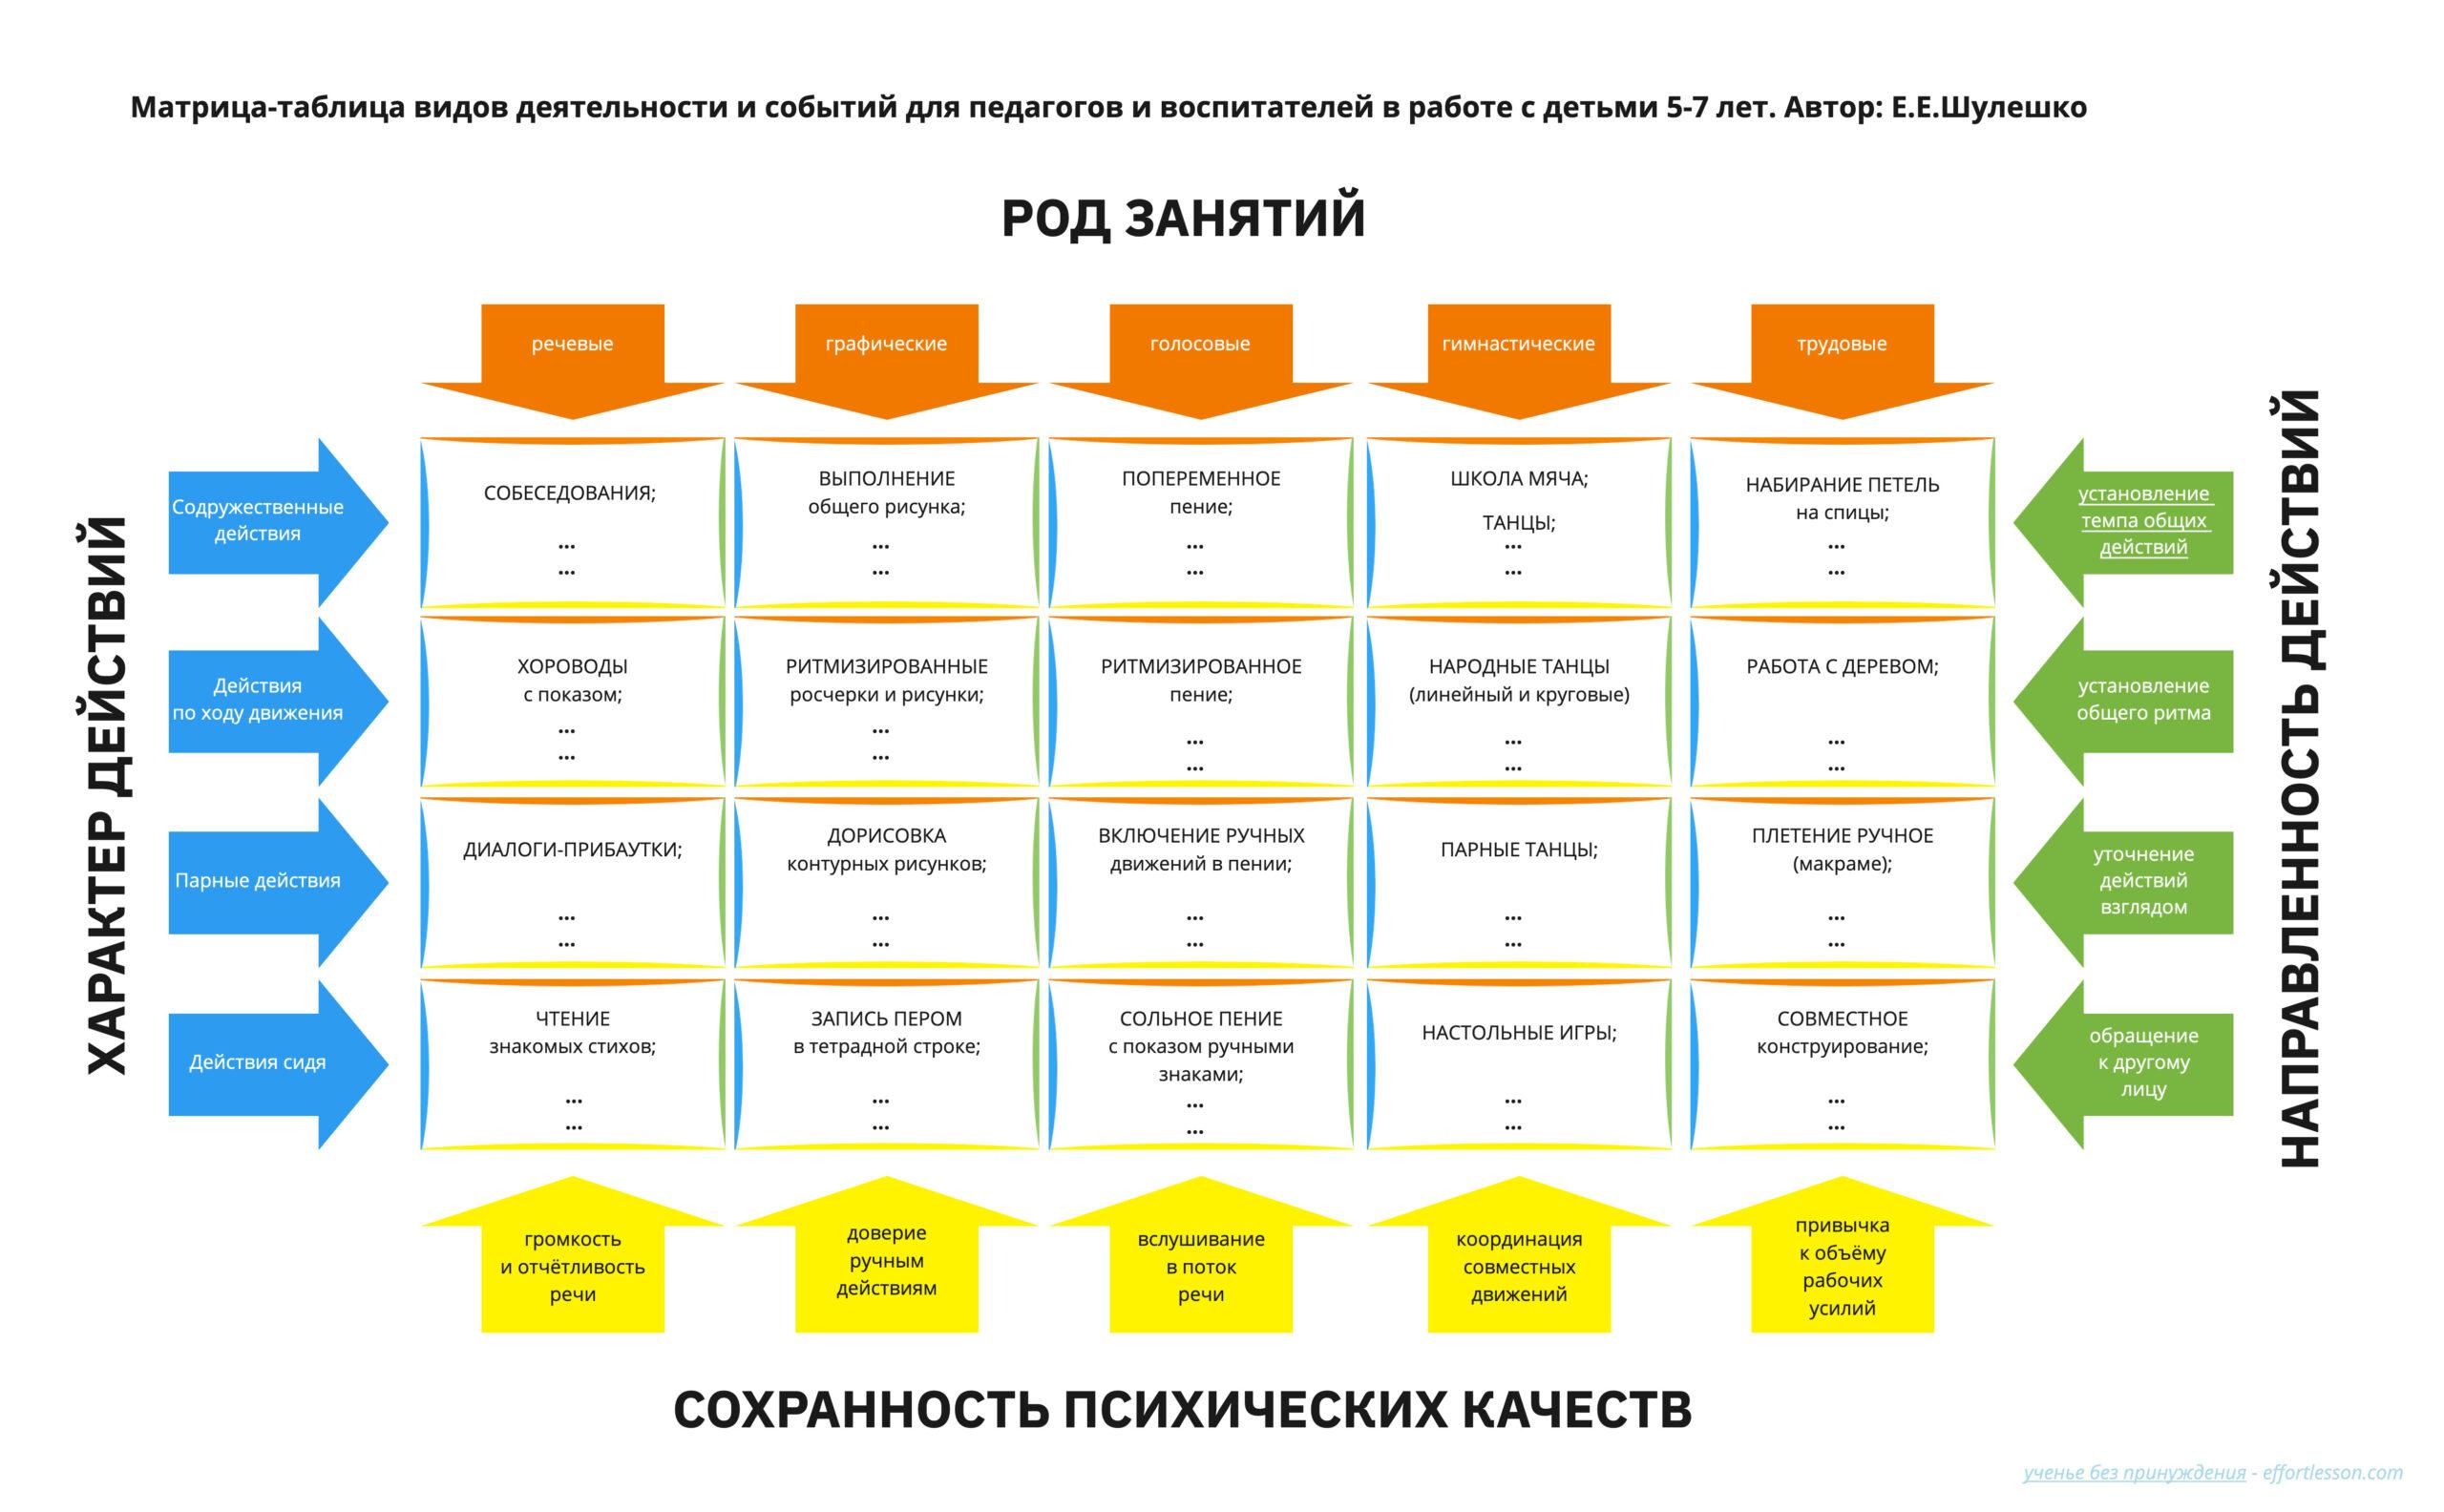 Матрица-таблица видов деятельности с детьми 5-7 лет